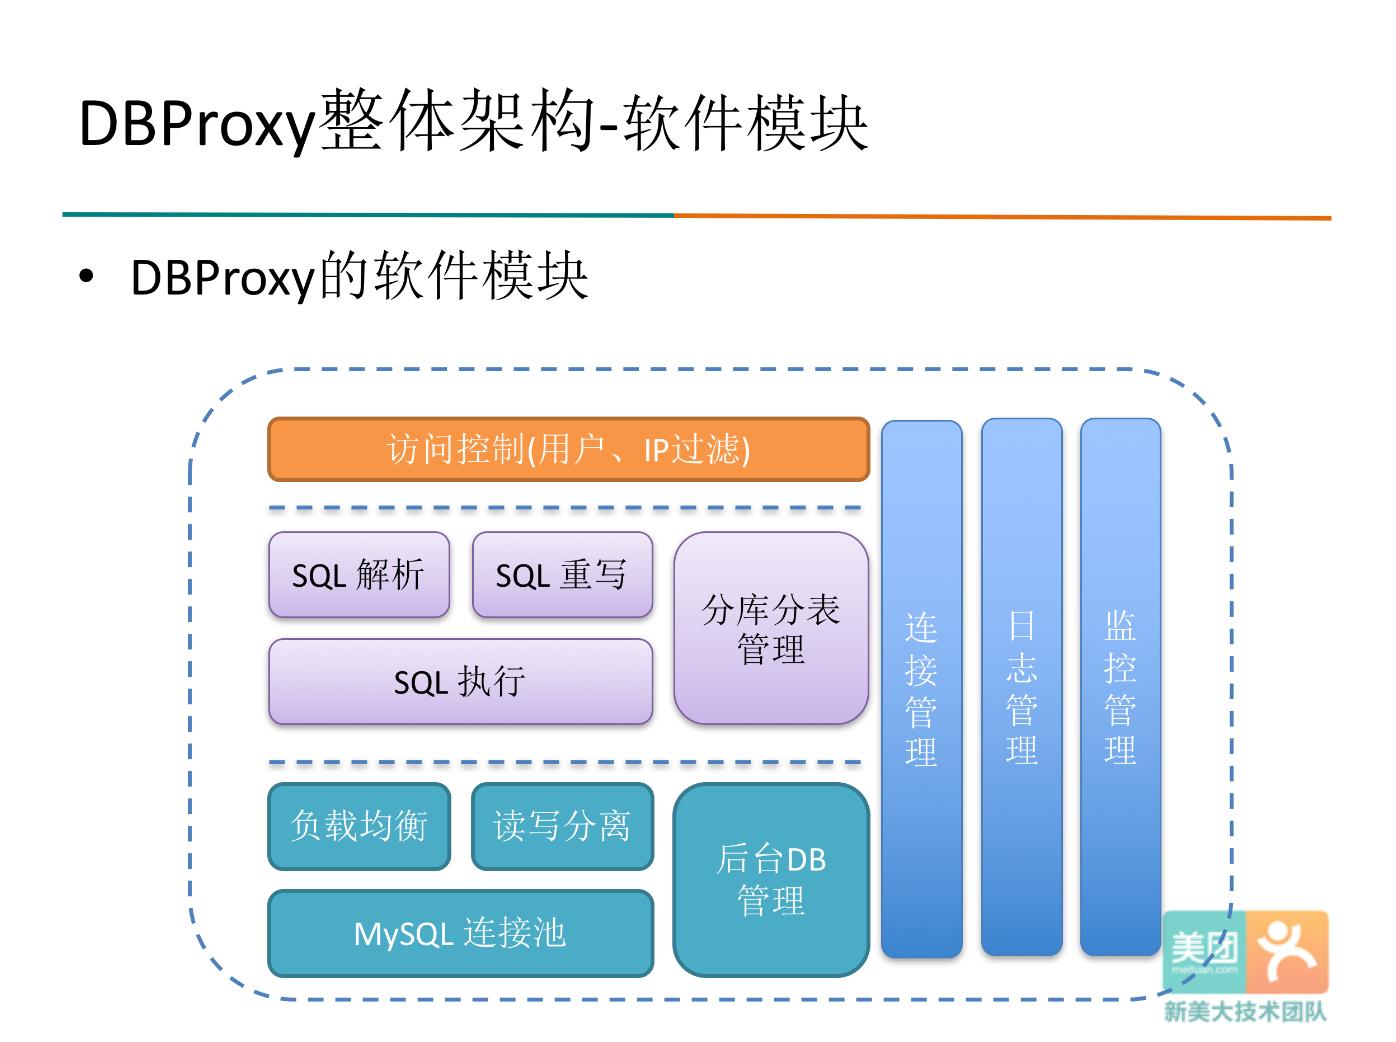 DBProxy的软件模块